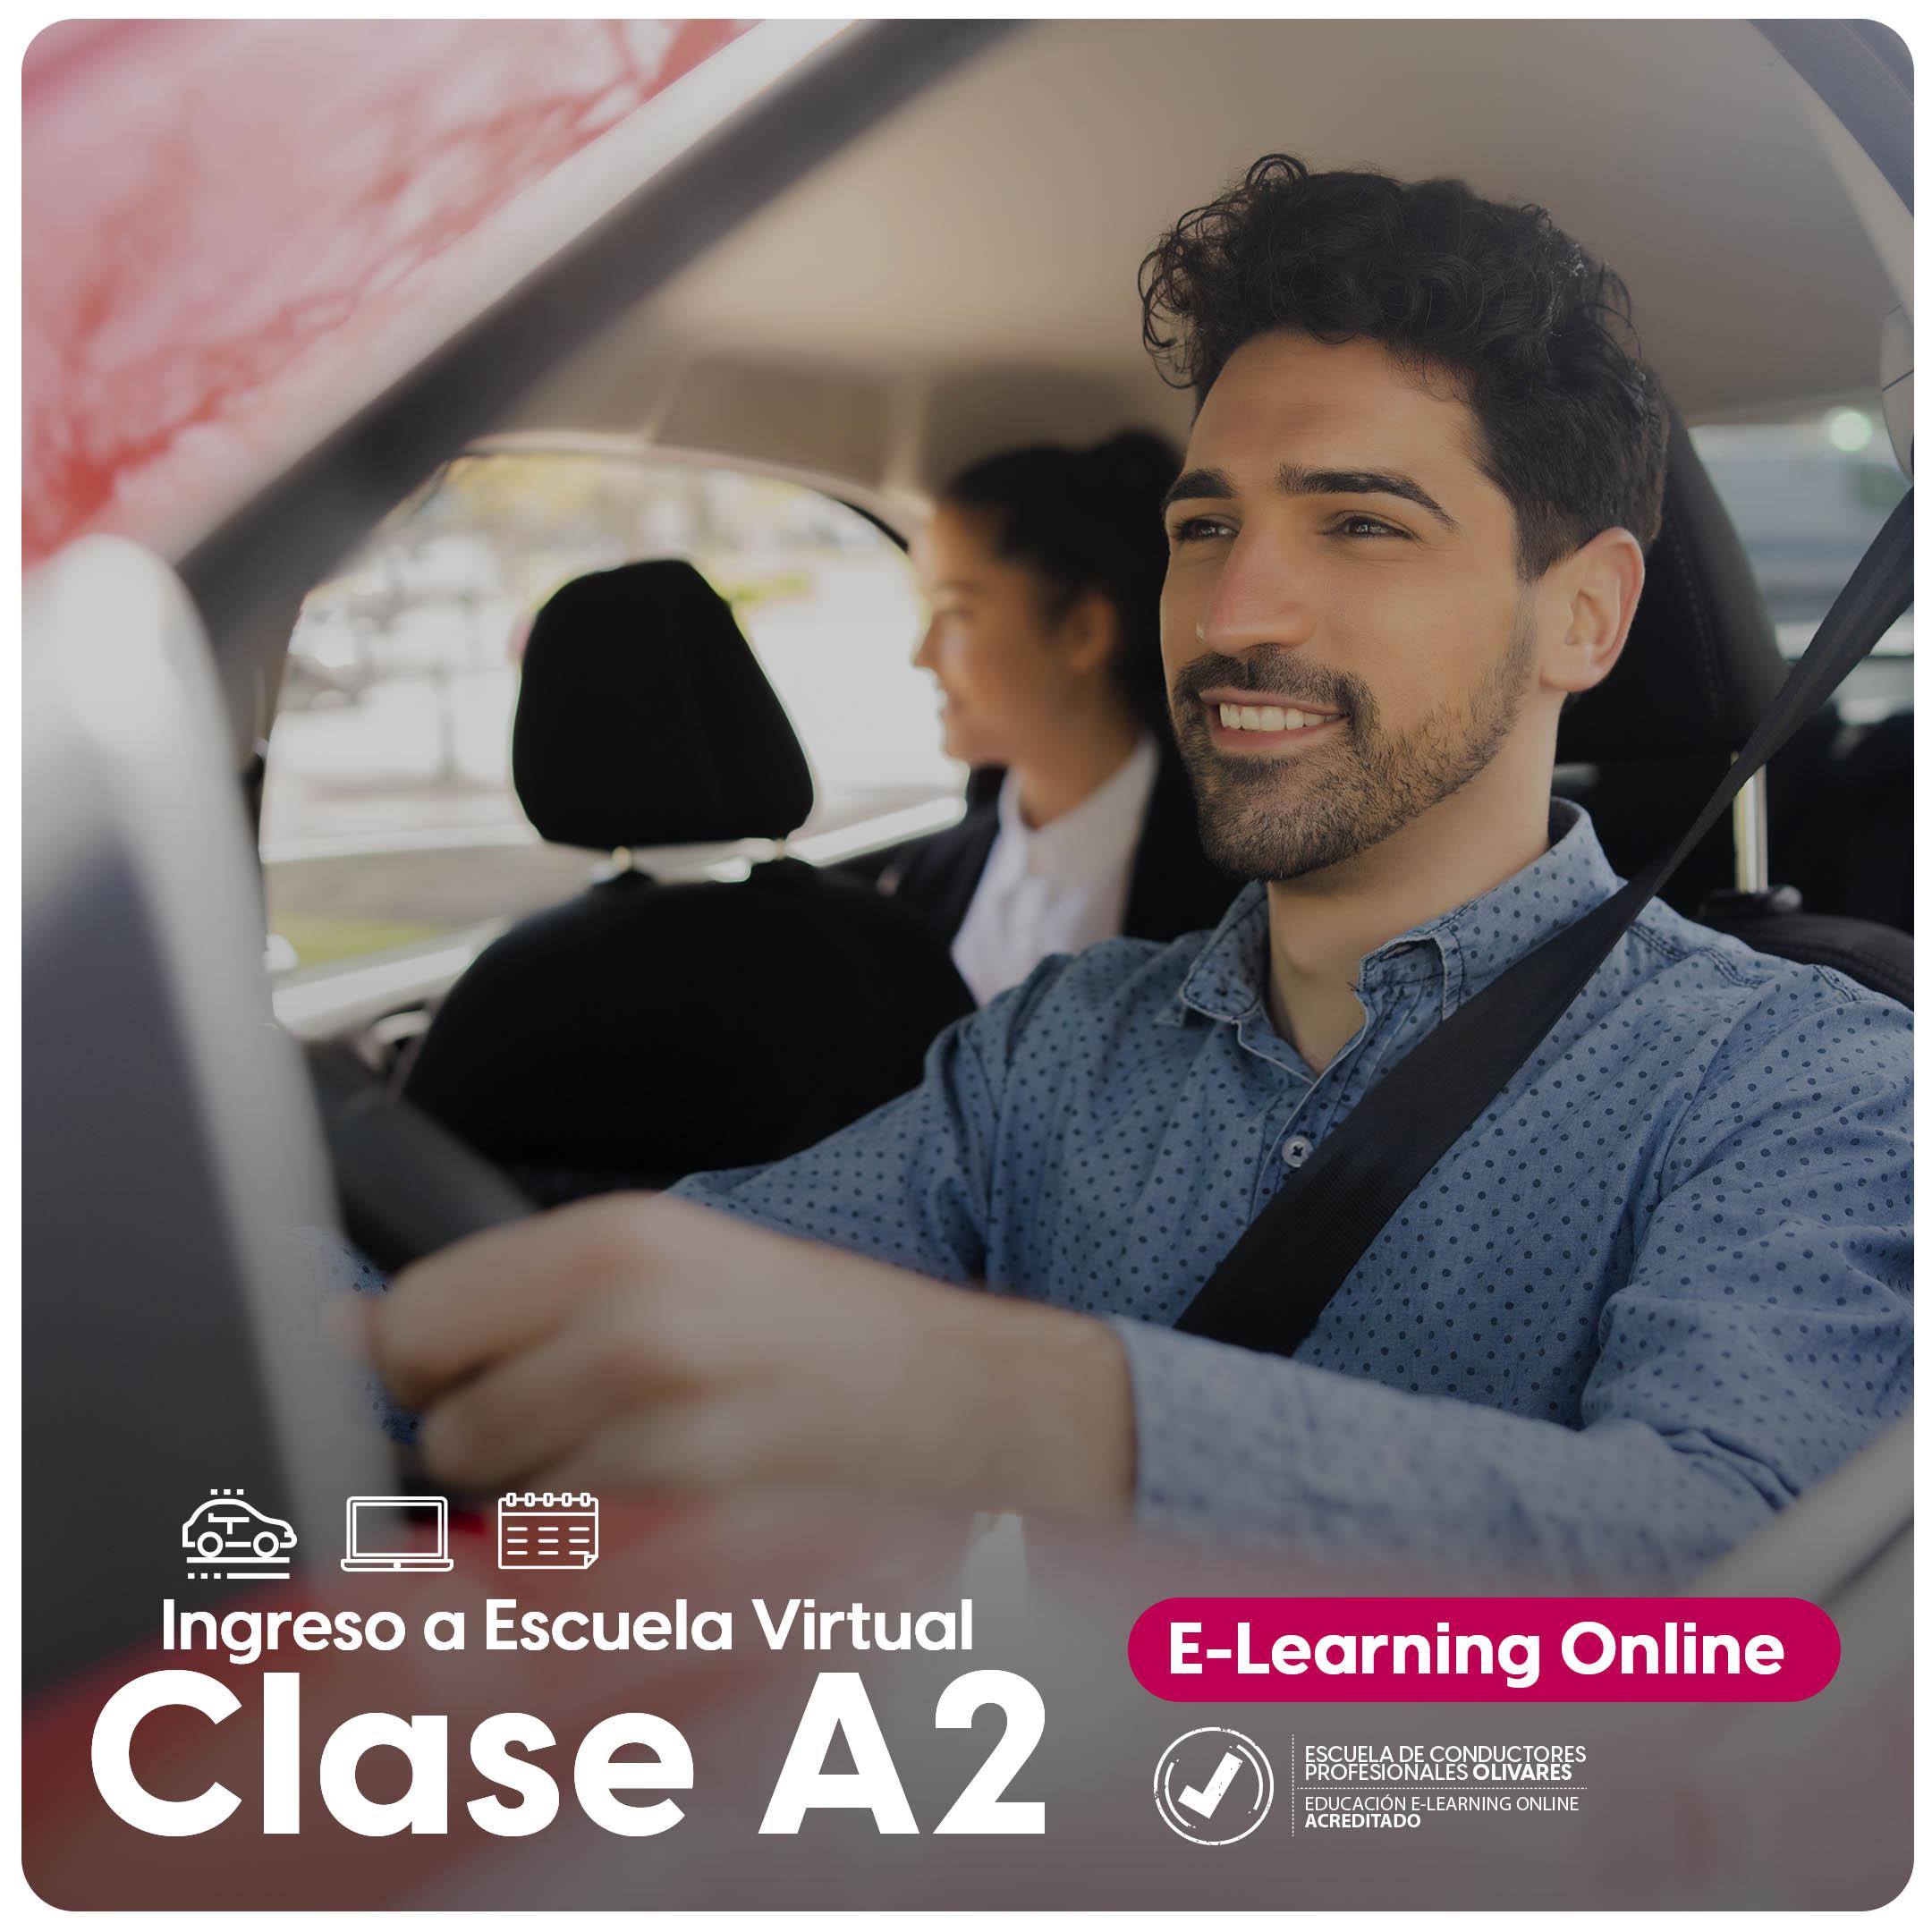 Ingreso a Escuela Virtual Clase A2 A4